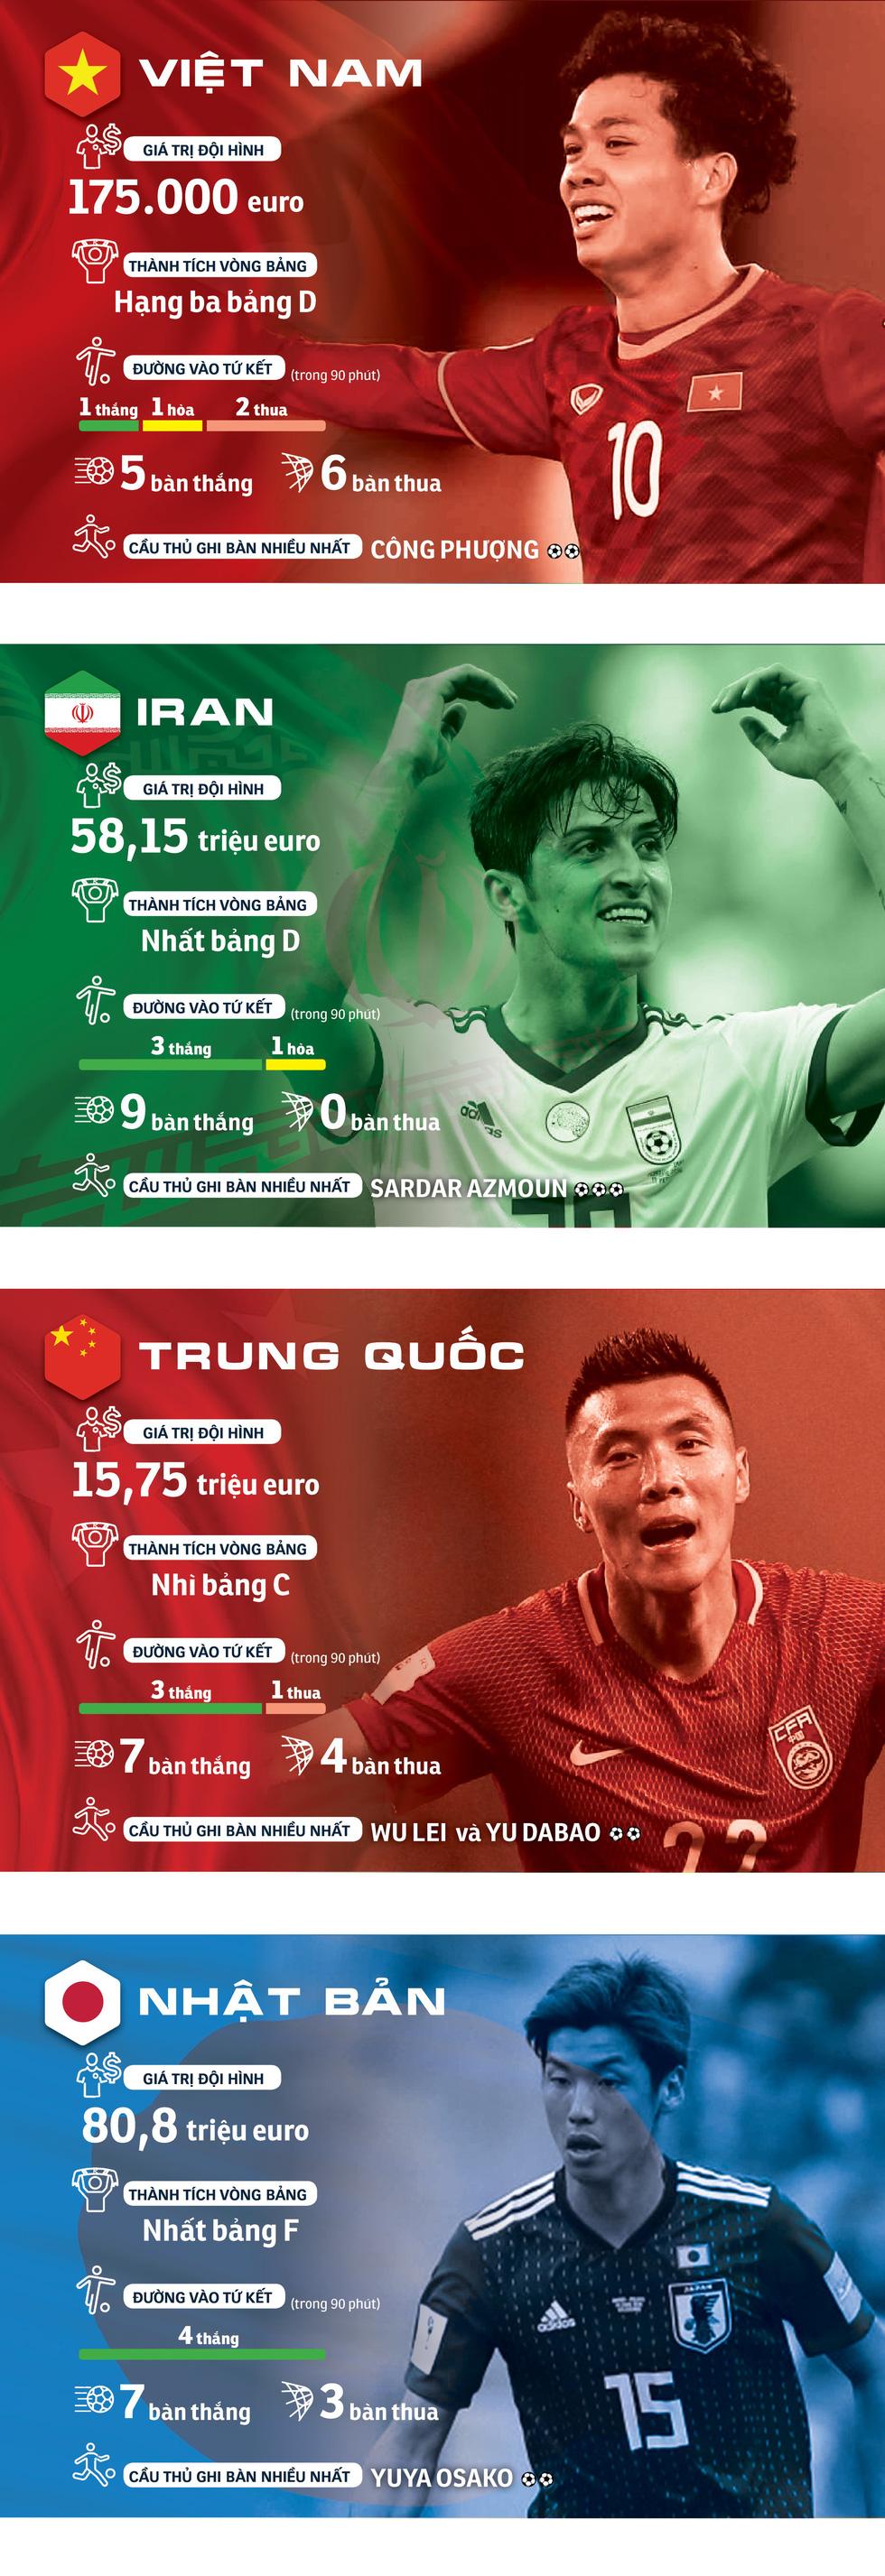 Chân dung tuyển Việt Nam và các đội ở tứ kết Asian Cup 2019 - Ảnh 1.